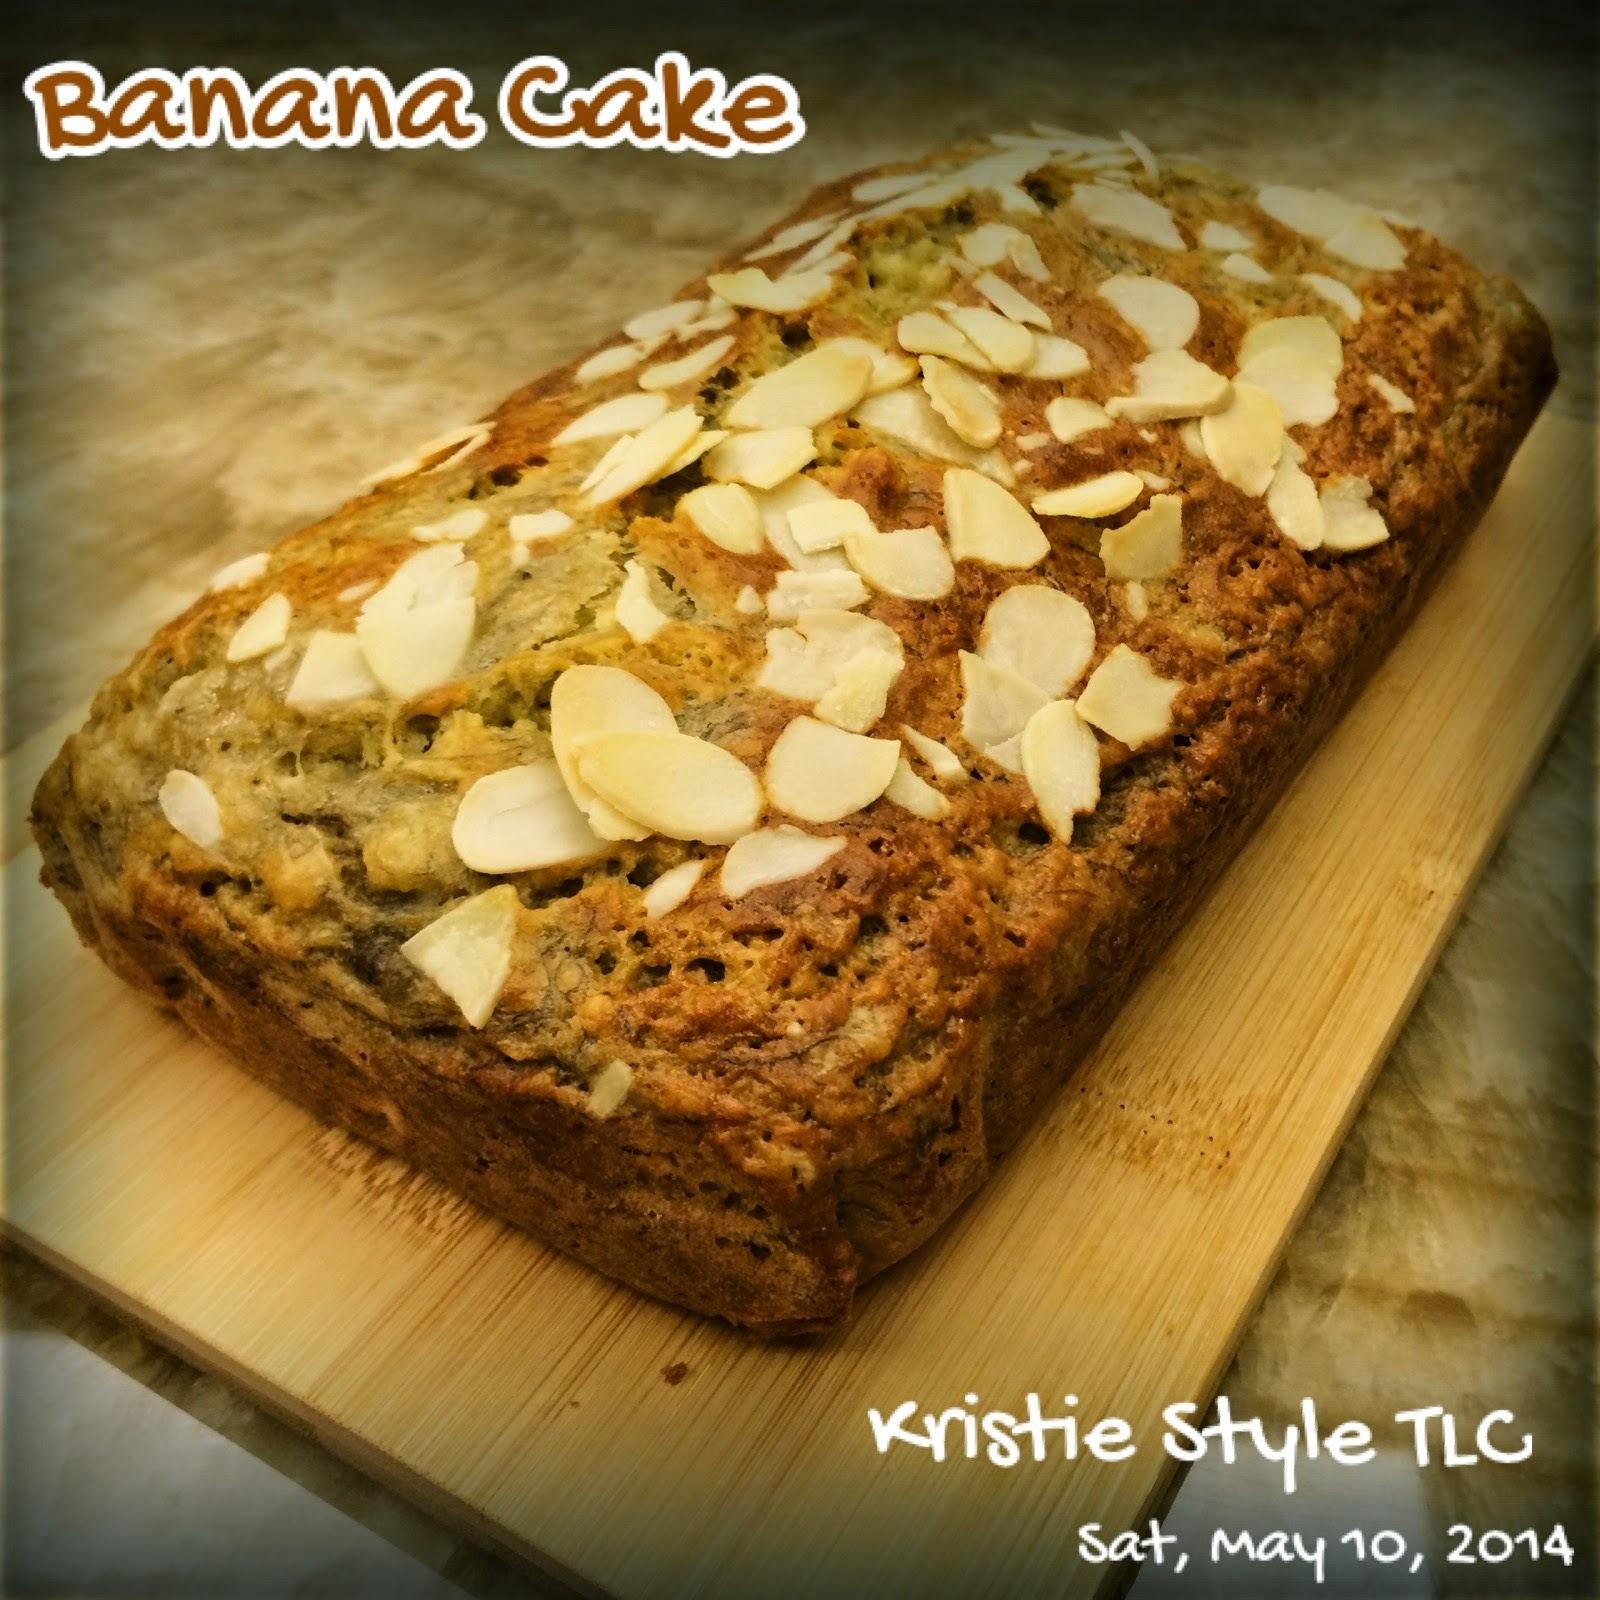 [食譜-蛋糕] 香蕉蛋糕 - 人人都可以是大廚